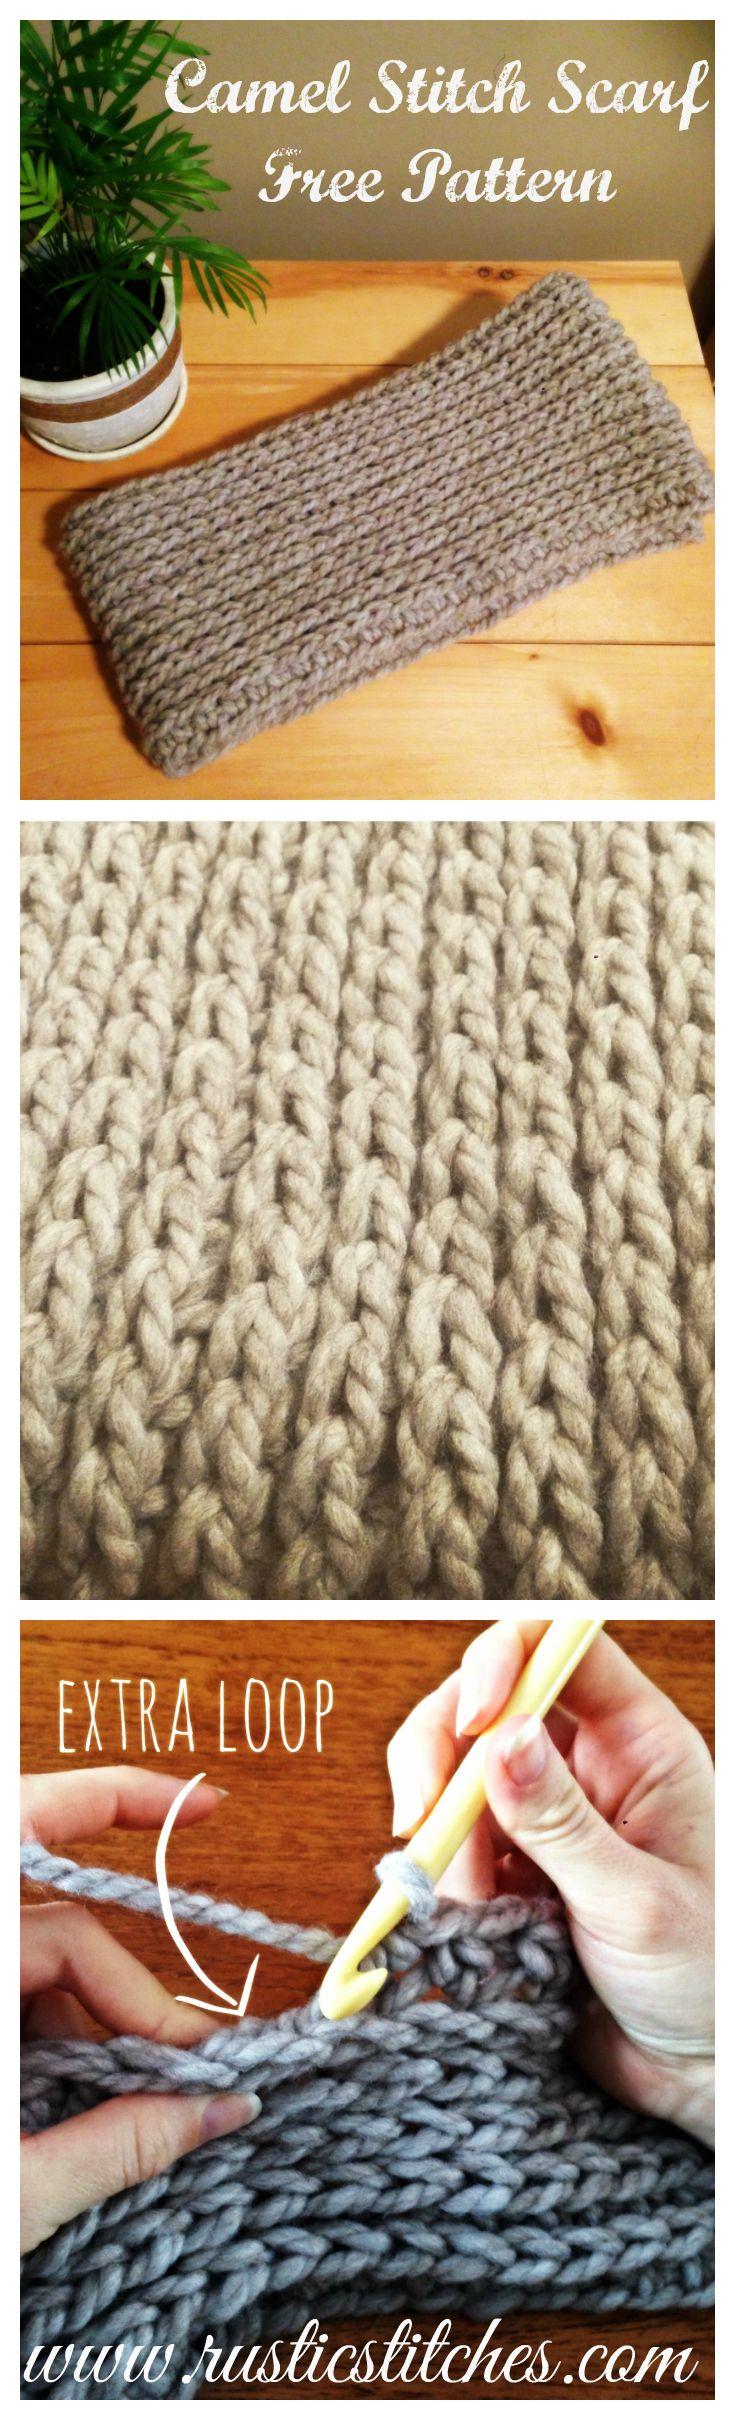 Crochet Camel Stitch Infinity Scarf - Free Pattern | Crochet/Knit ...